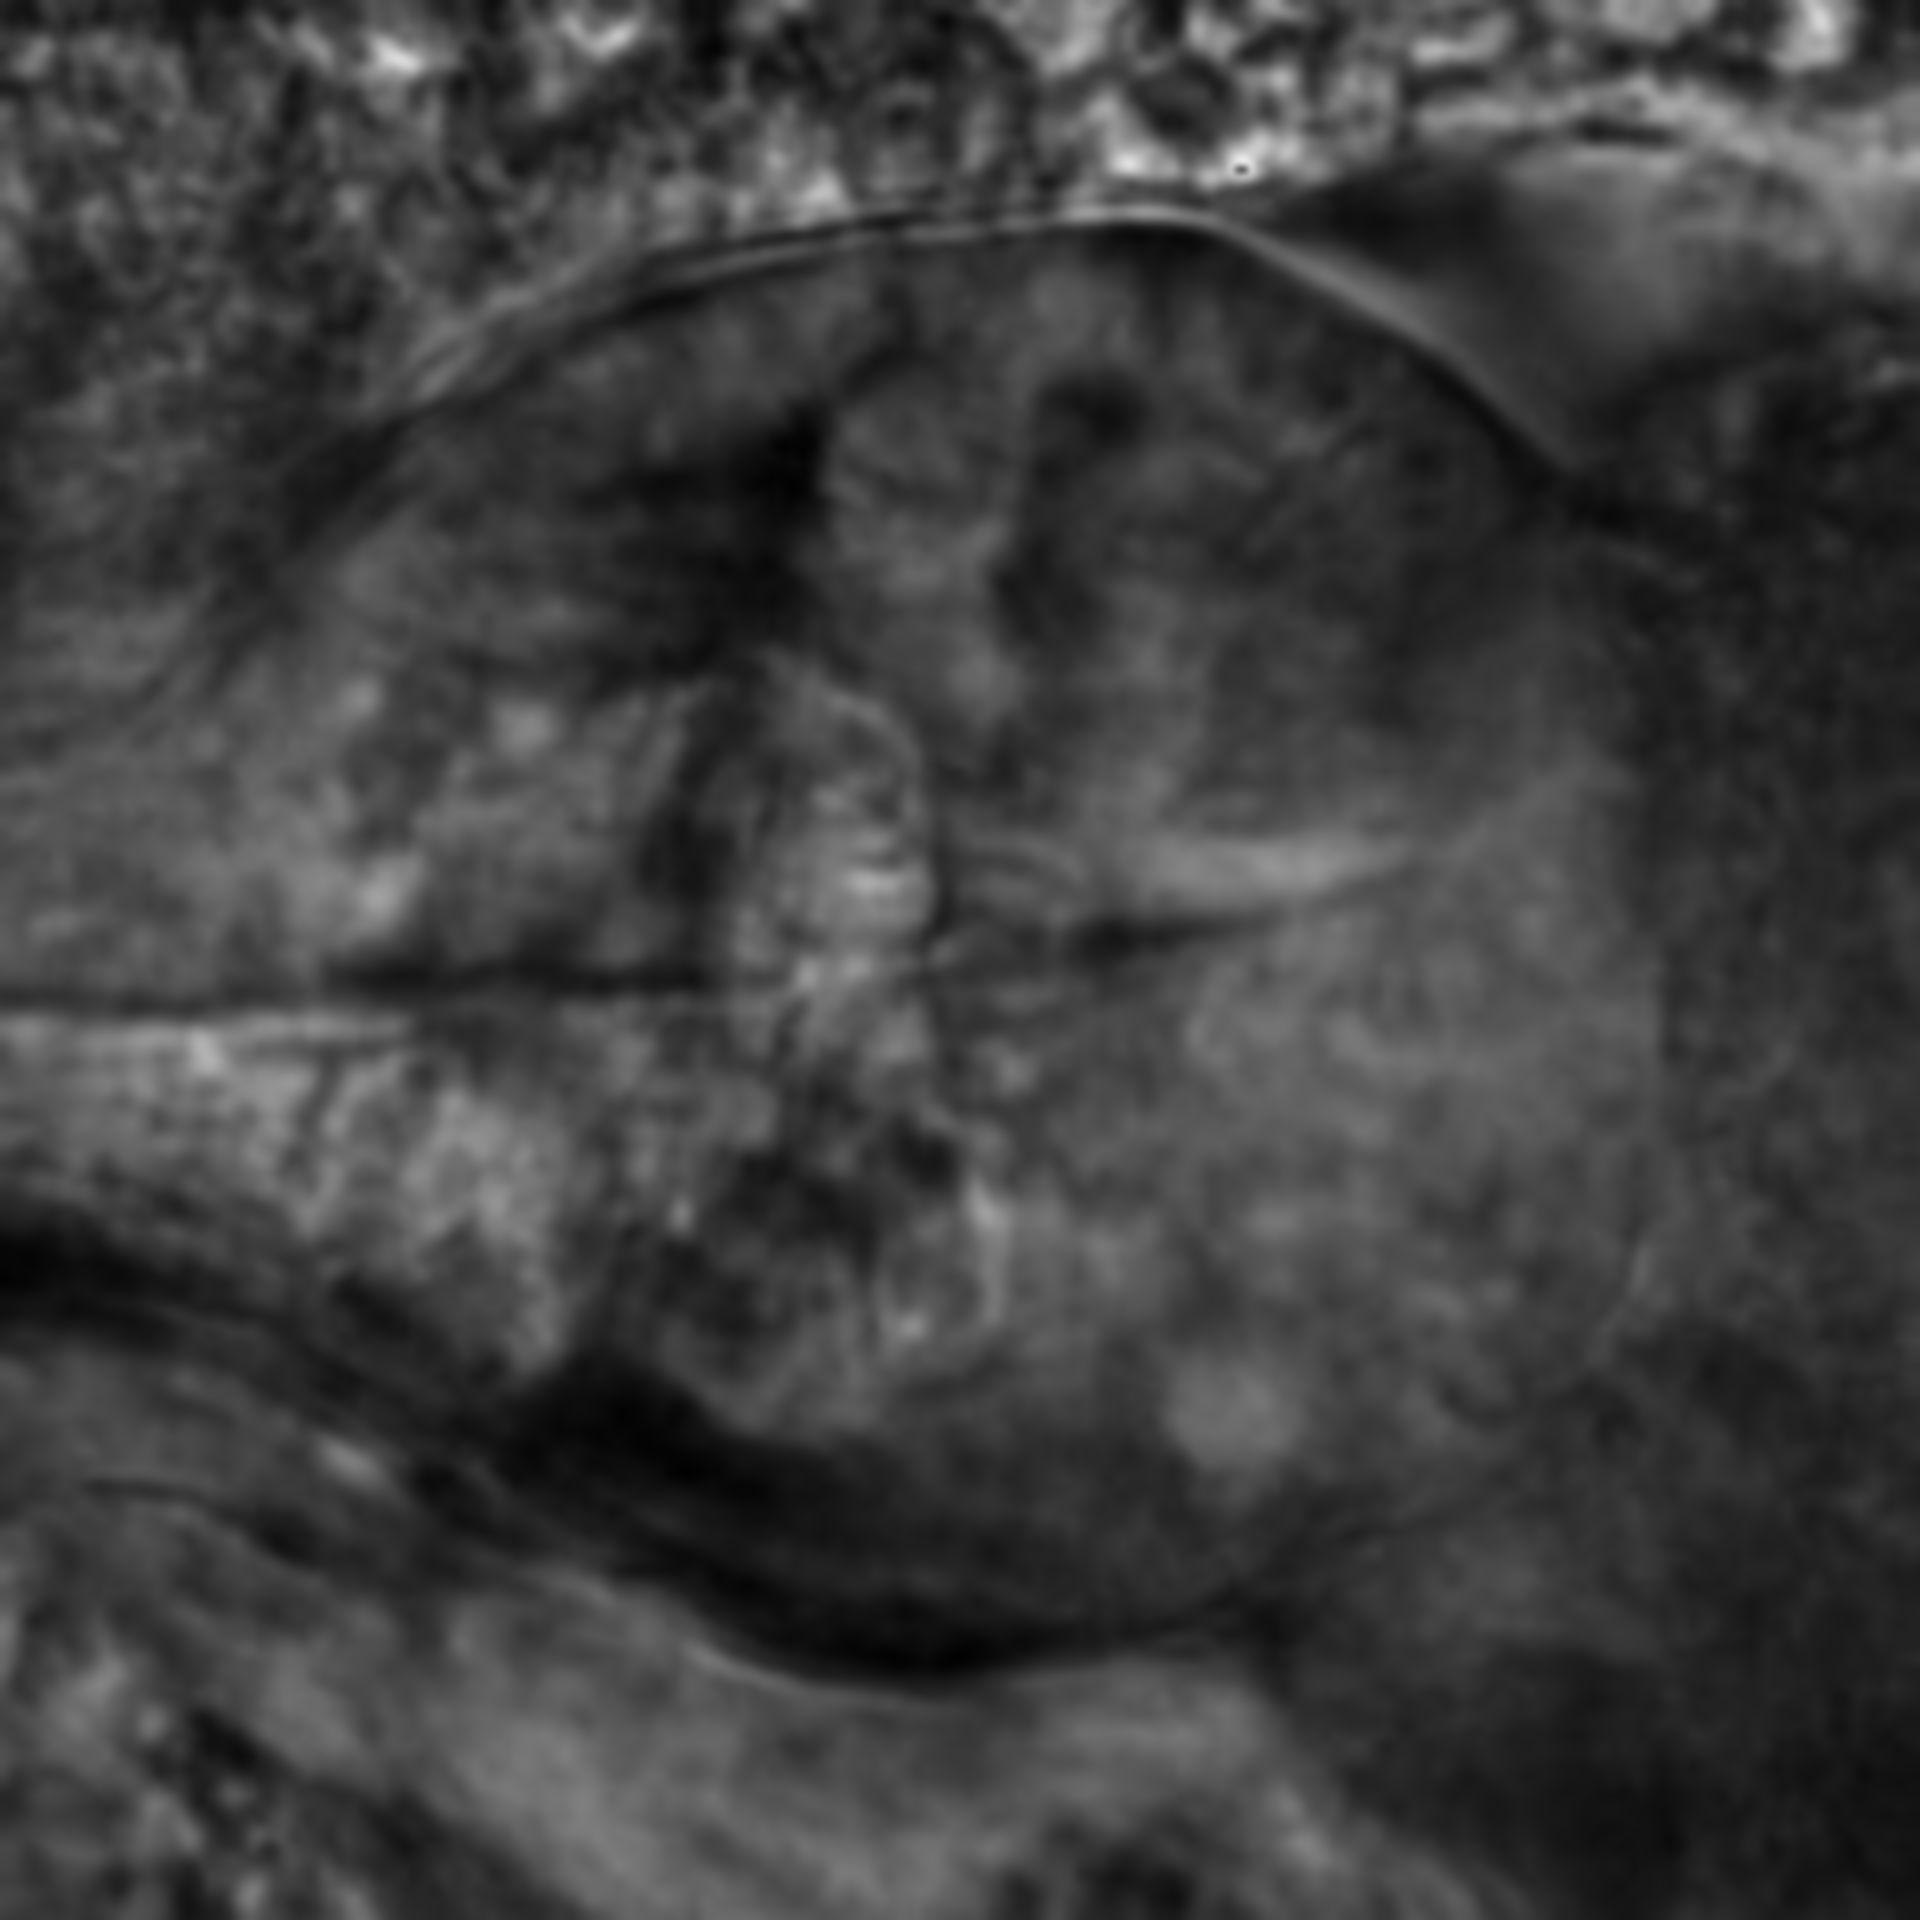 Caenorhabditis elegans - CIL:2234